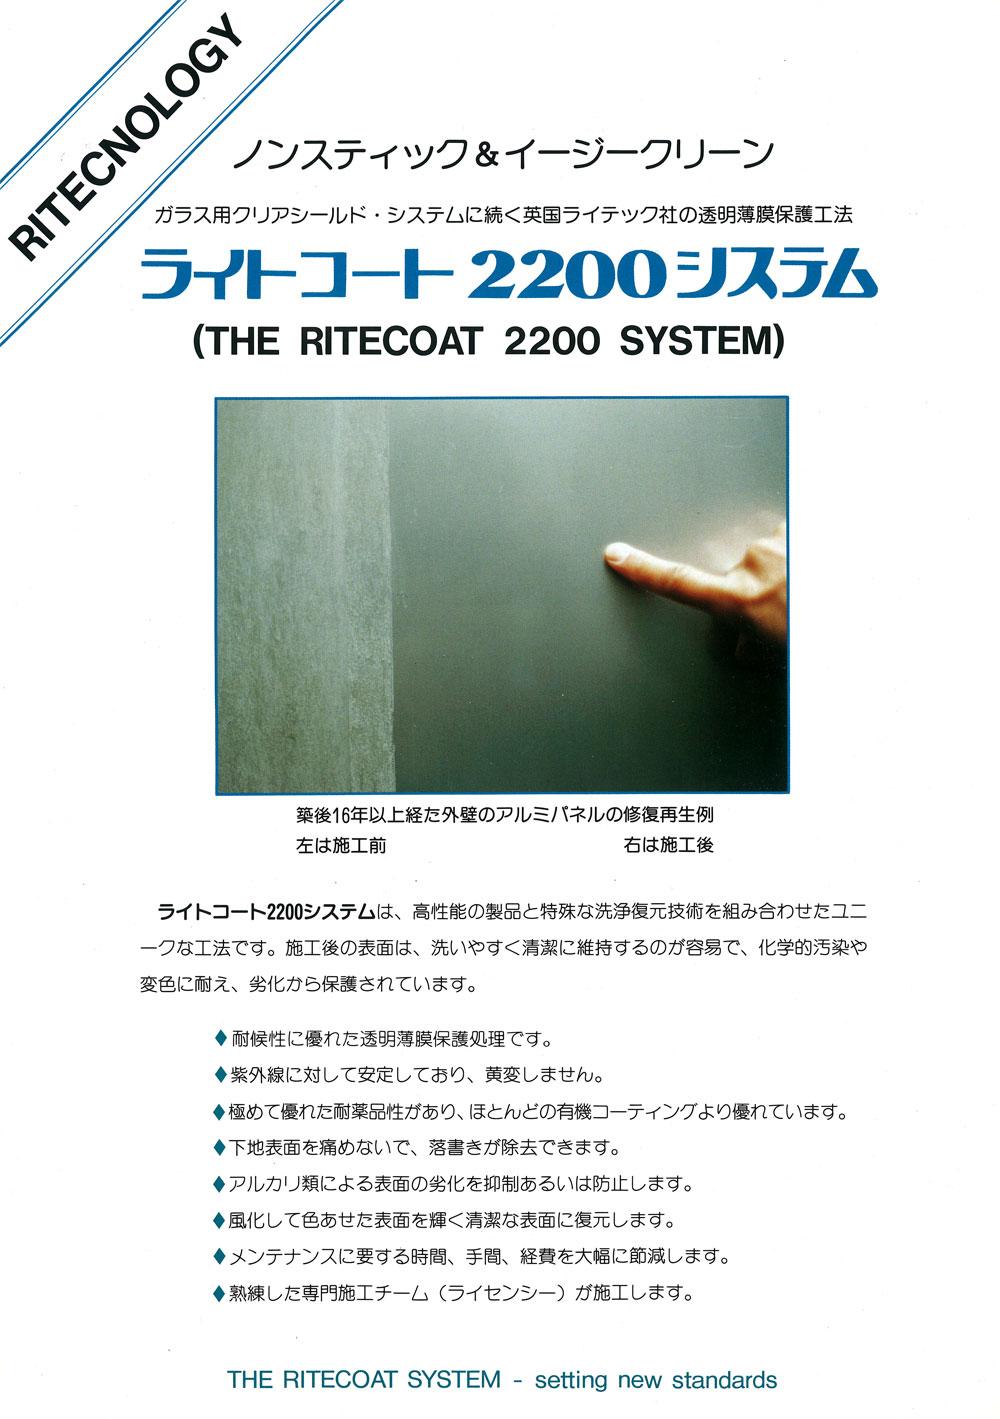 ライトコート2200